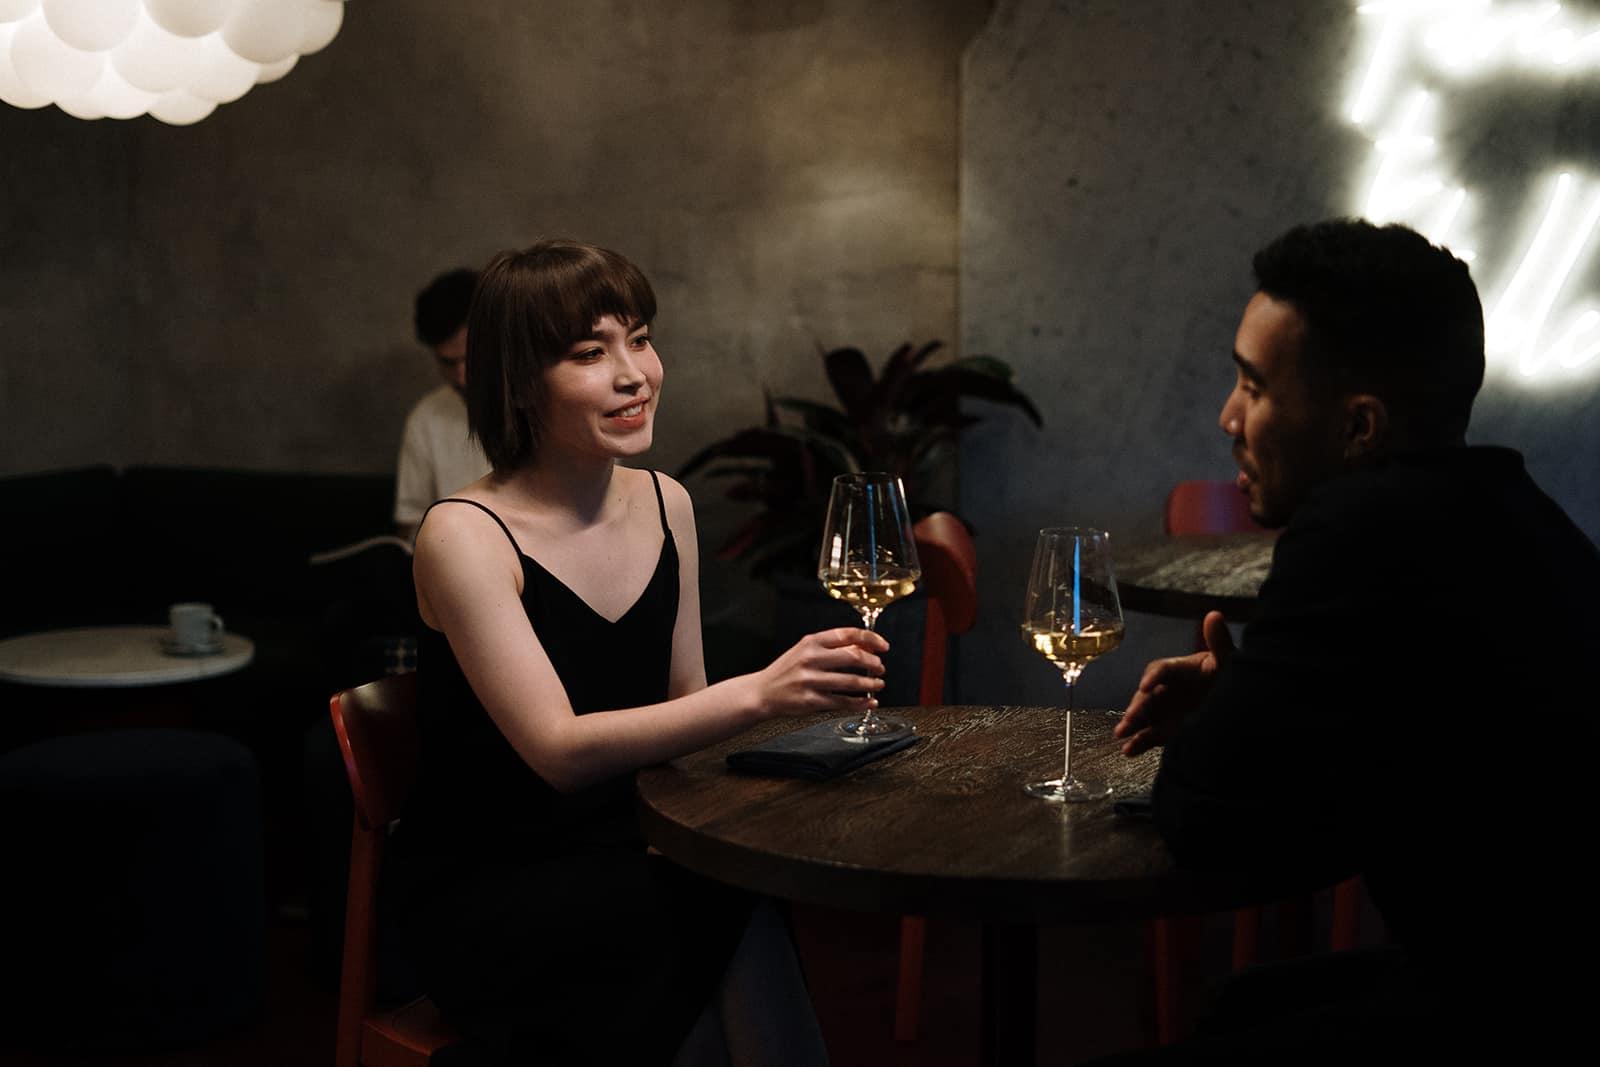 Ein Paar trinkt zusammen Wein in einem Restaurant